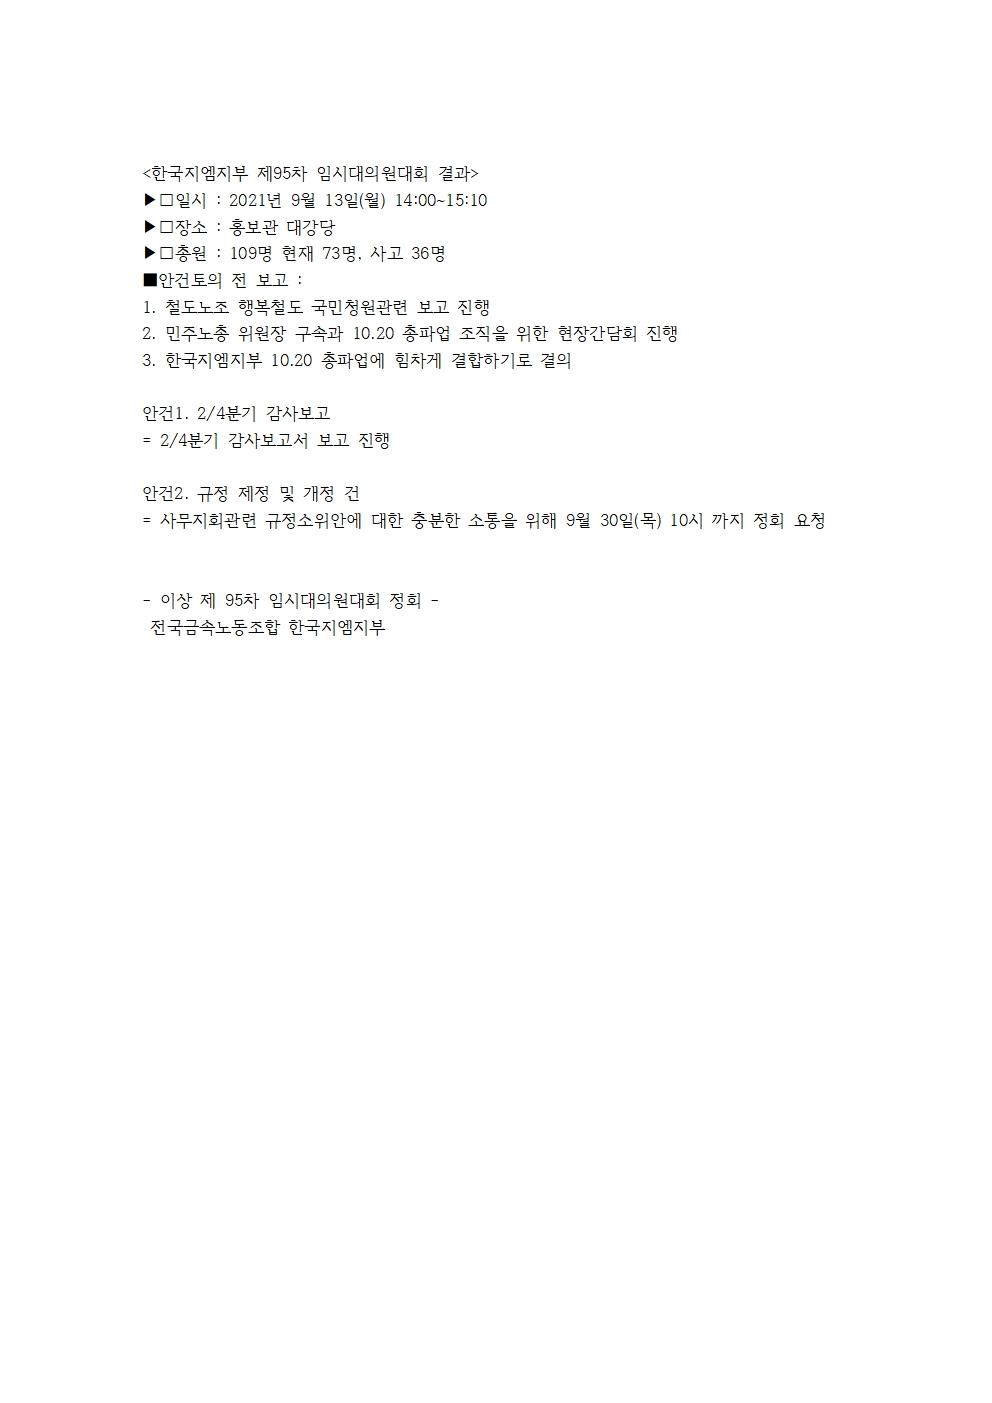 한국지엠지부 제95차 임시대의원대회 결과001.jpg